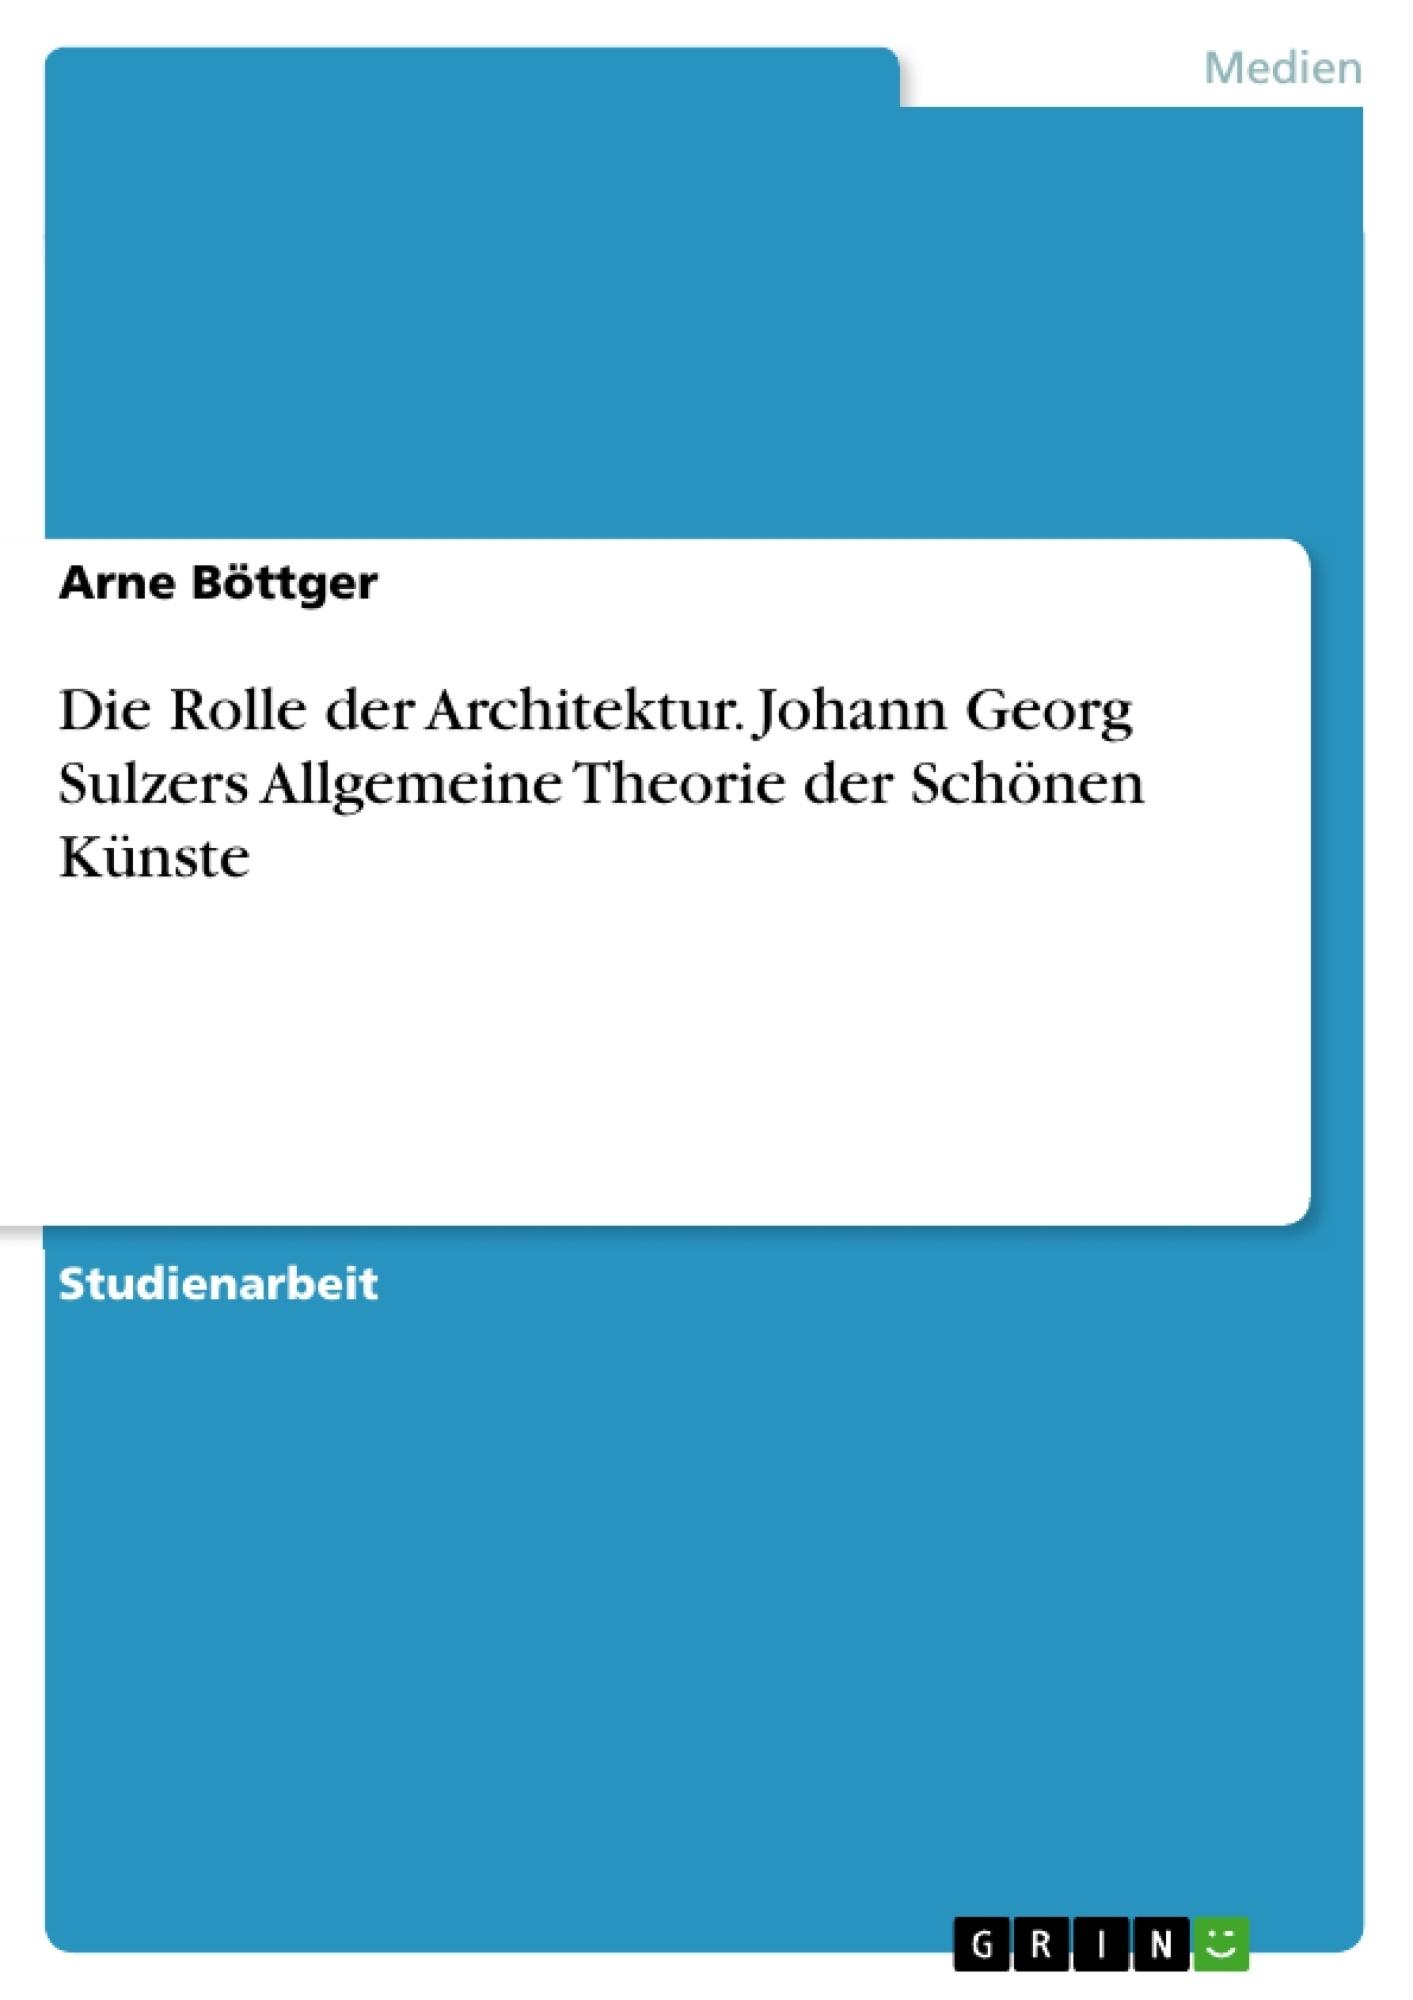 Titel: Die Rolle der Architektur. Johann Georg Sulzers Allgemeine Theorie der Schönen Künste